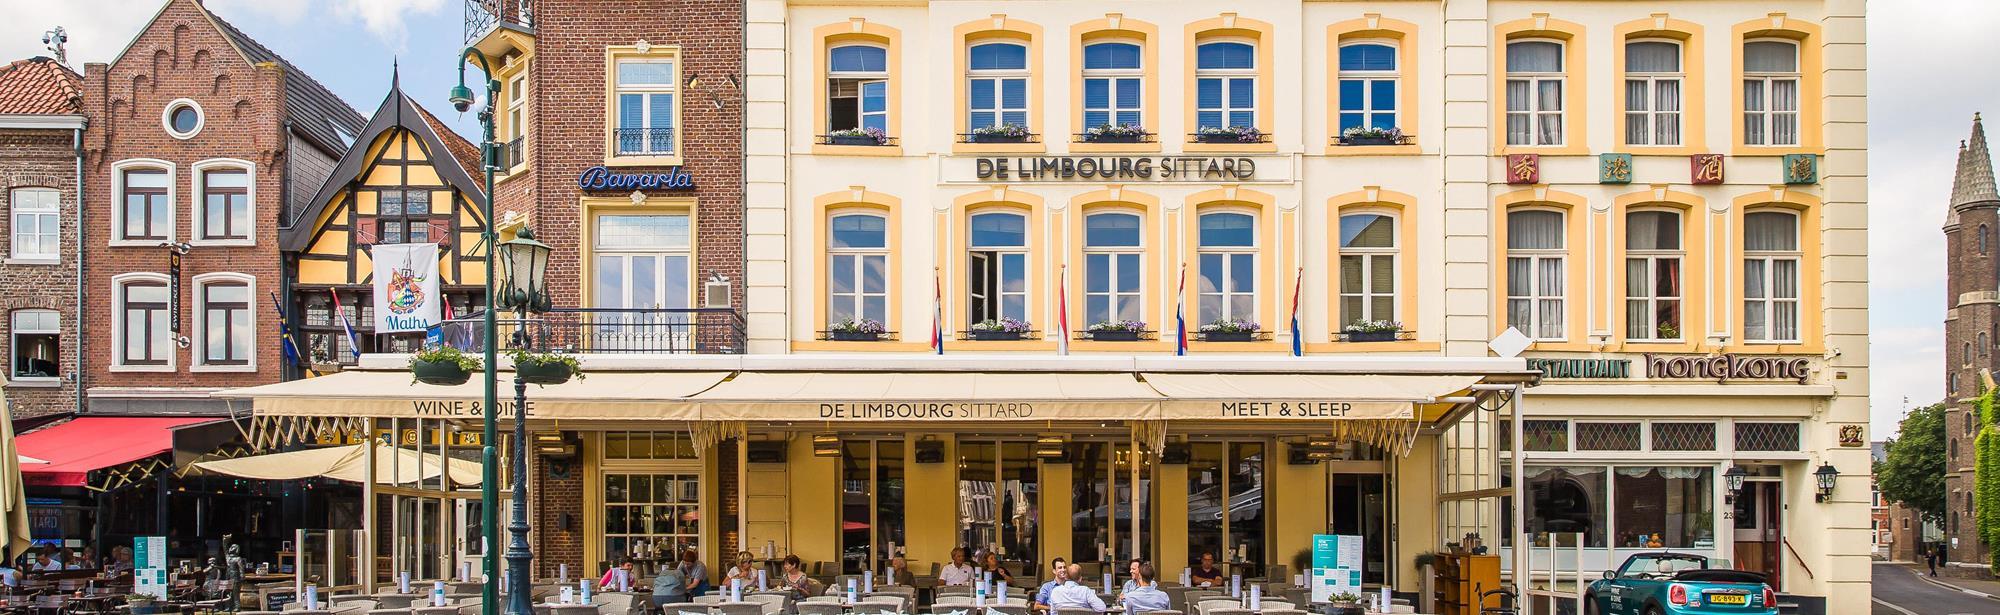 Hotel De Limbourg Sittard